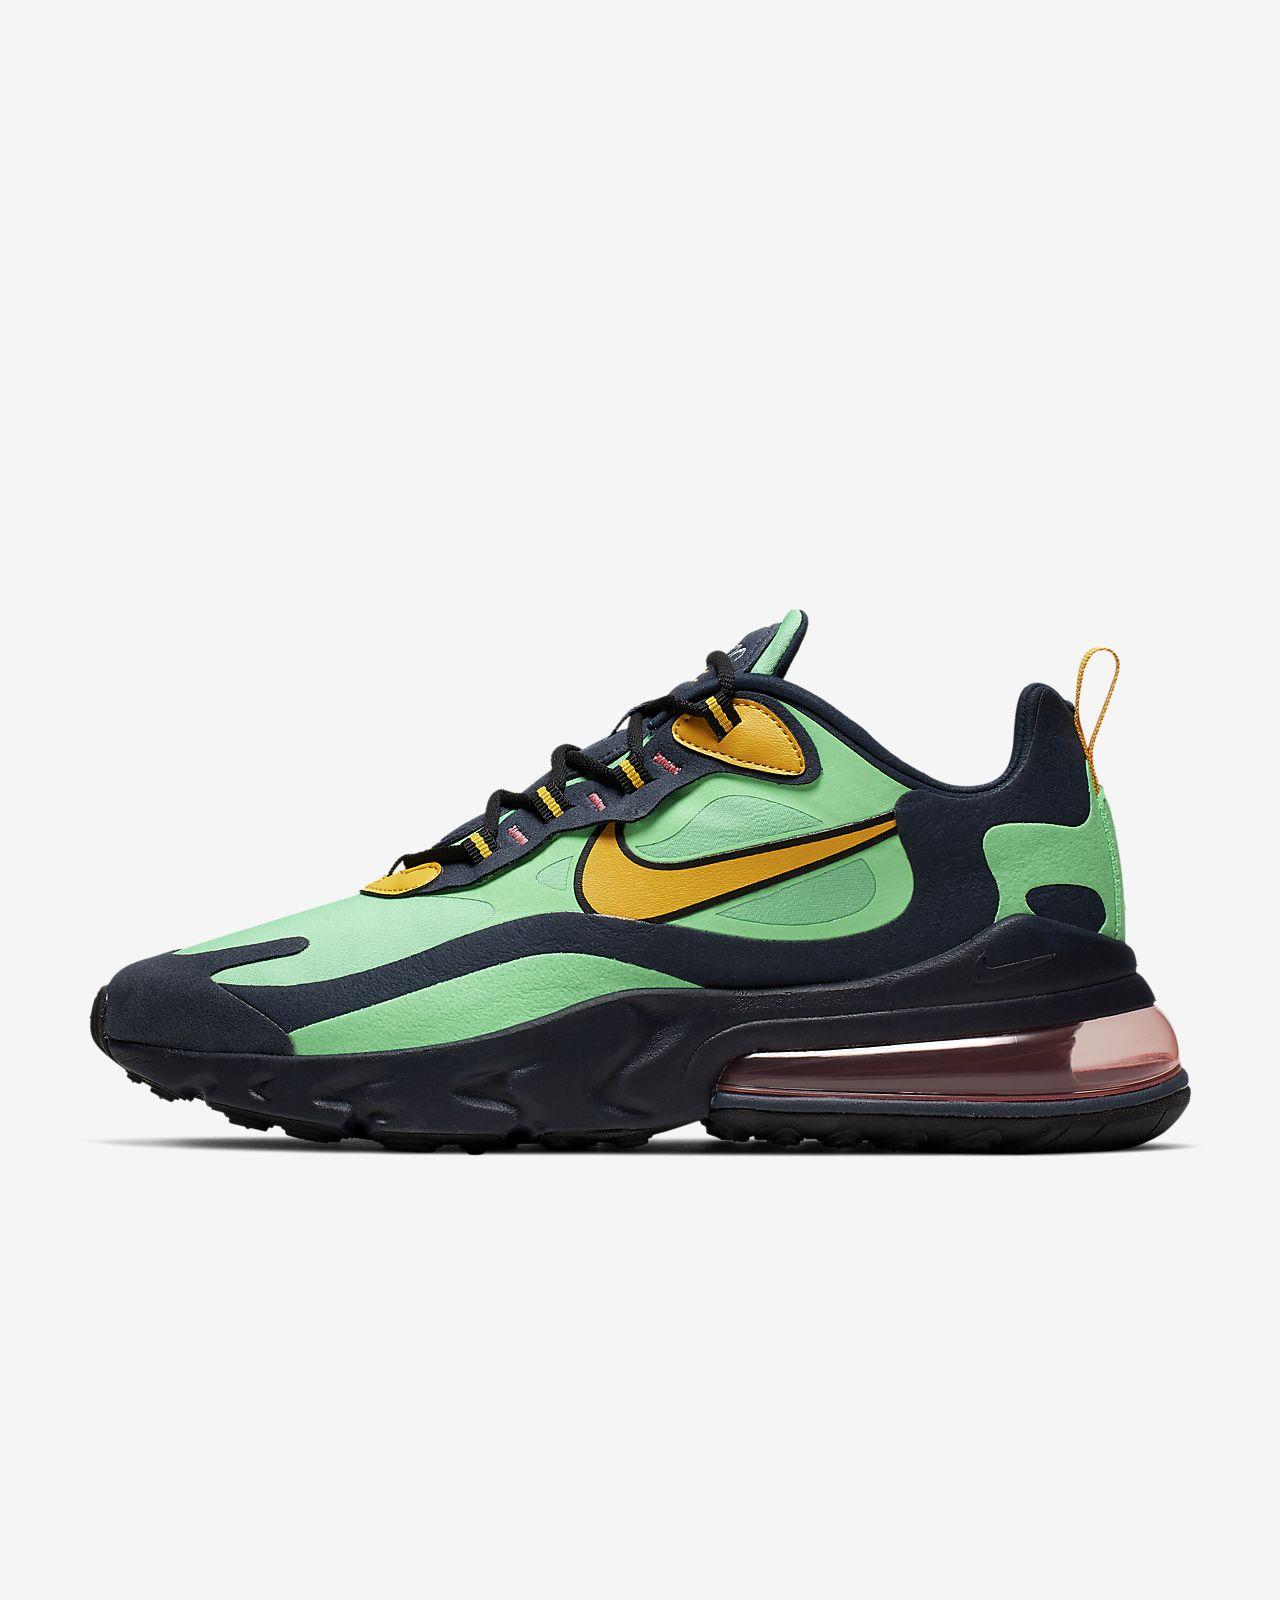 Nike Air Max 270 React (Pop Art) 男鞋